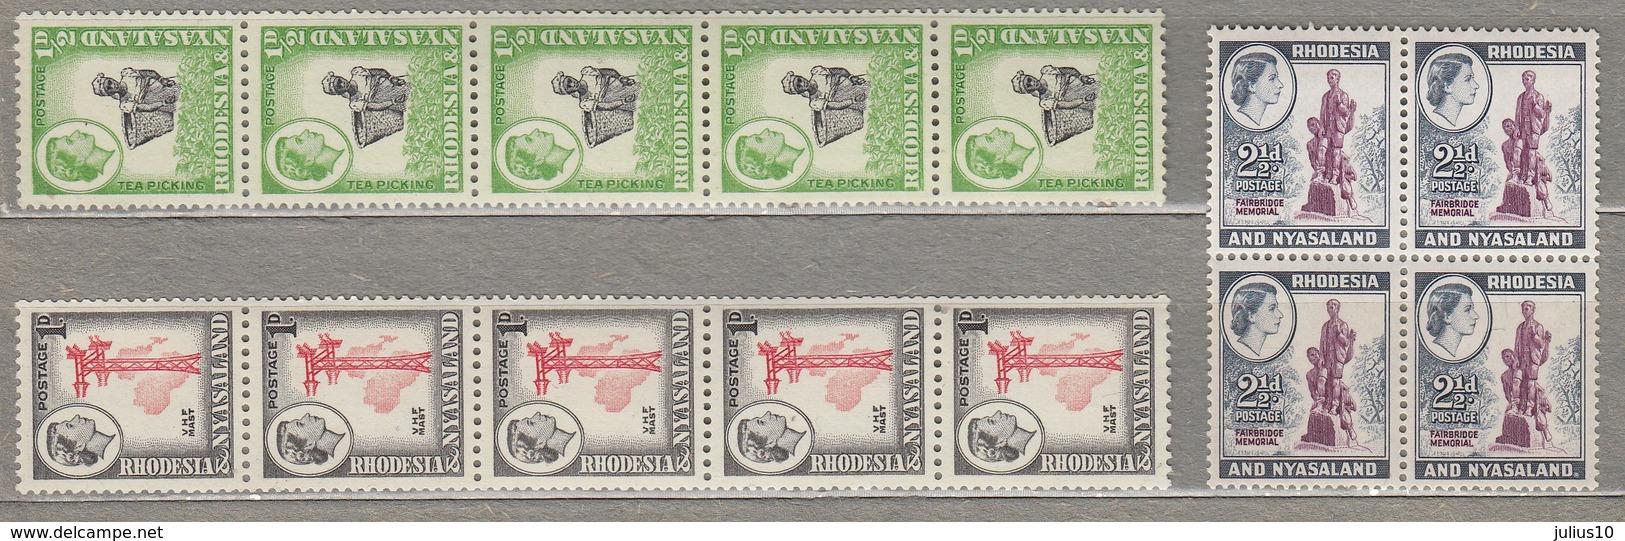 RHODESIA NYASALAND 1959 MNH (**) #23453 - Rhodesia & Nyasaland (1954-1963)